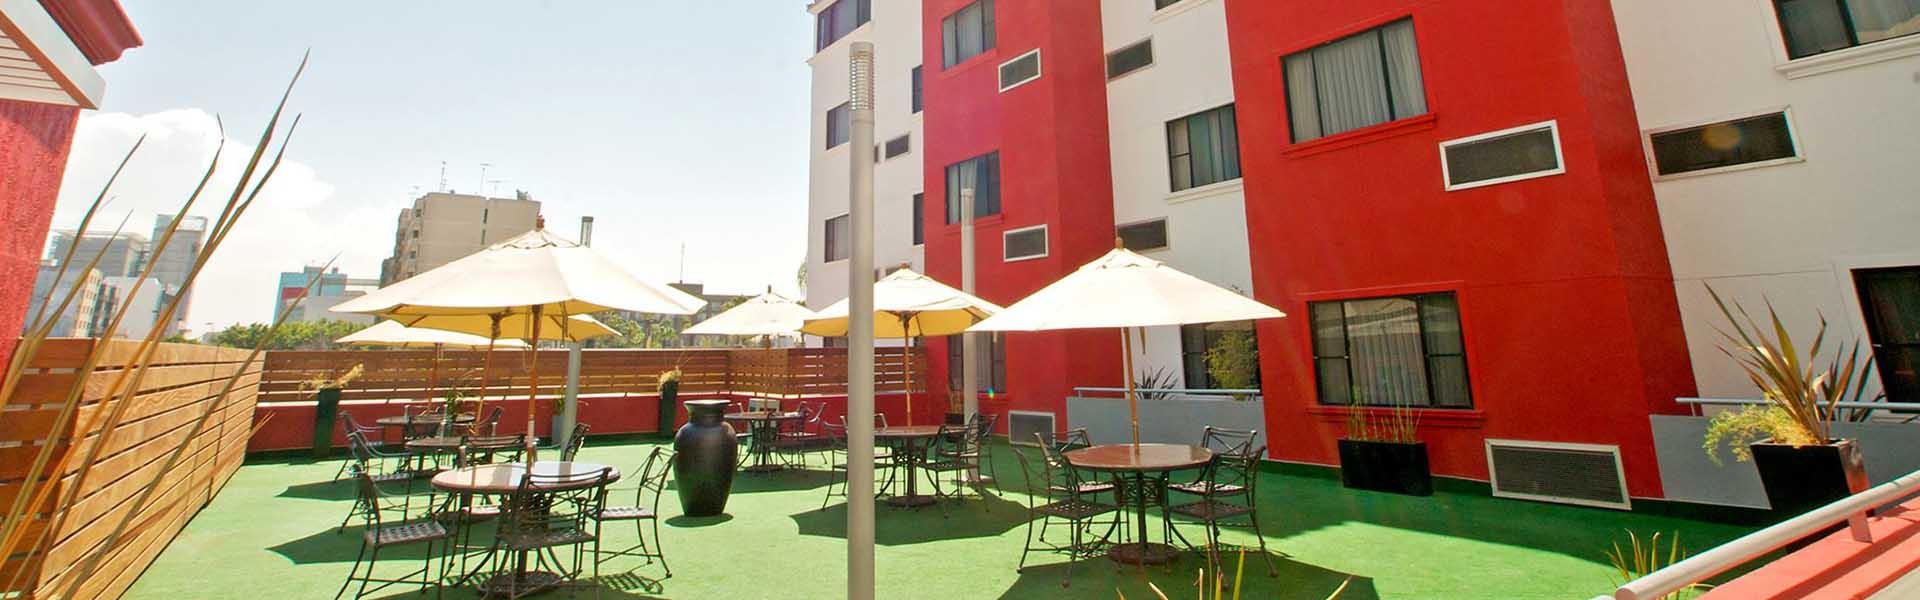 hotel-real-del-rio-tijuana